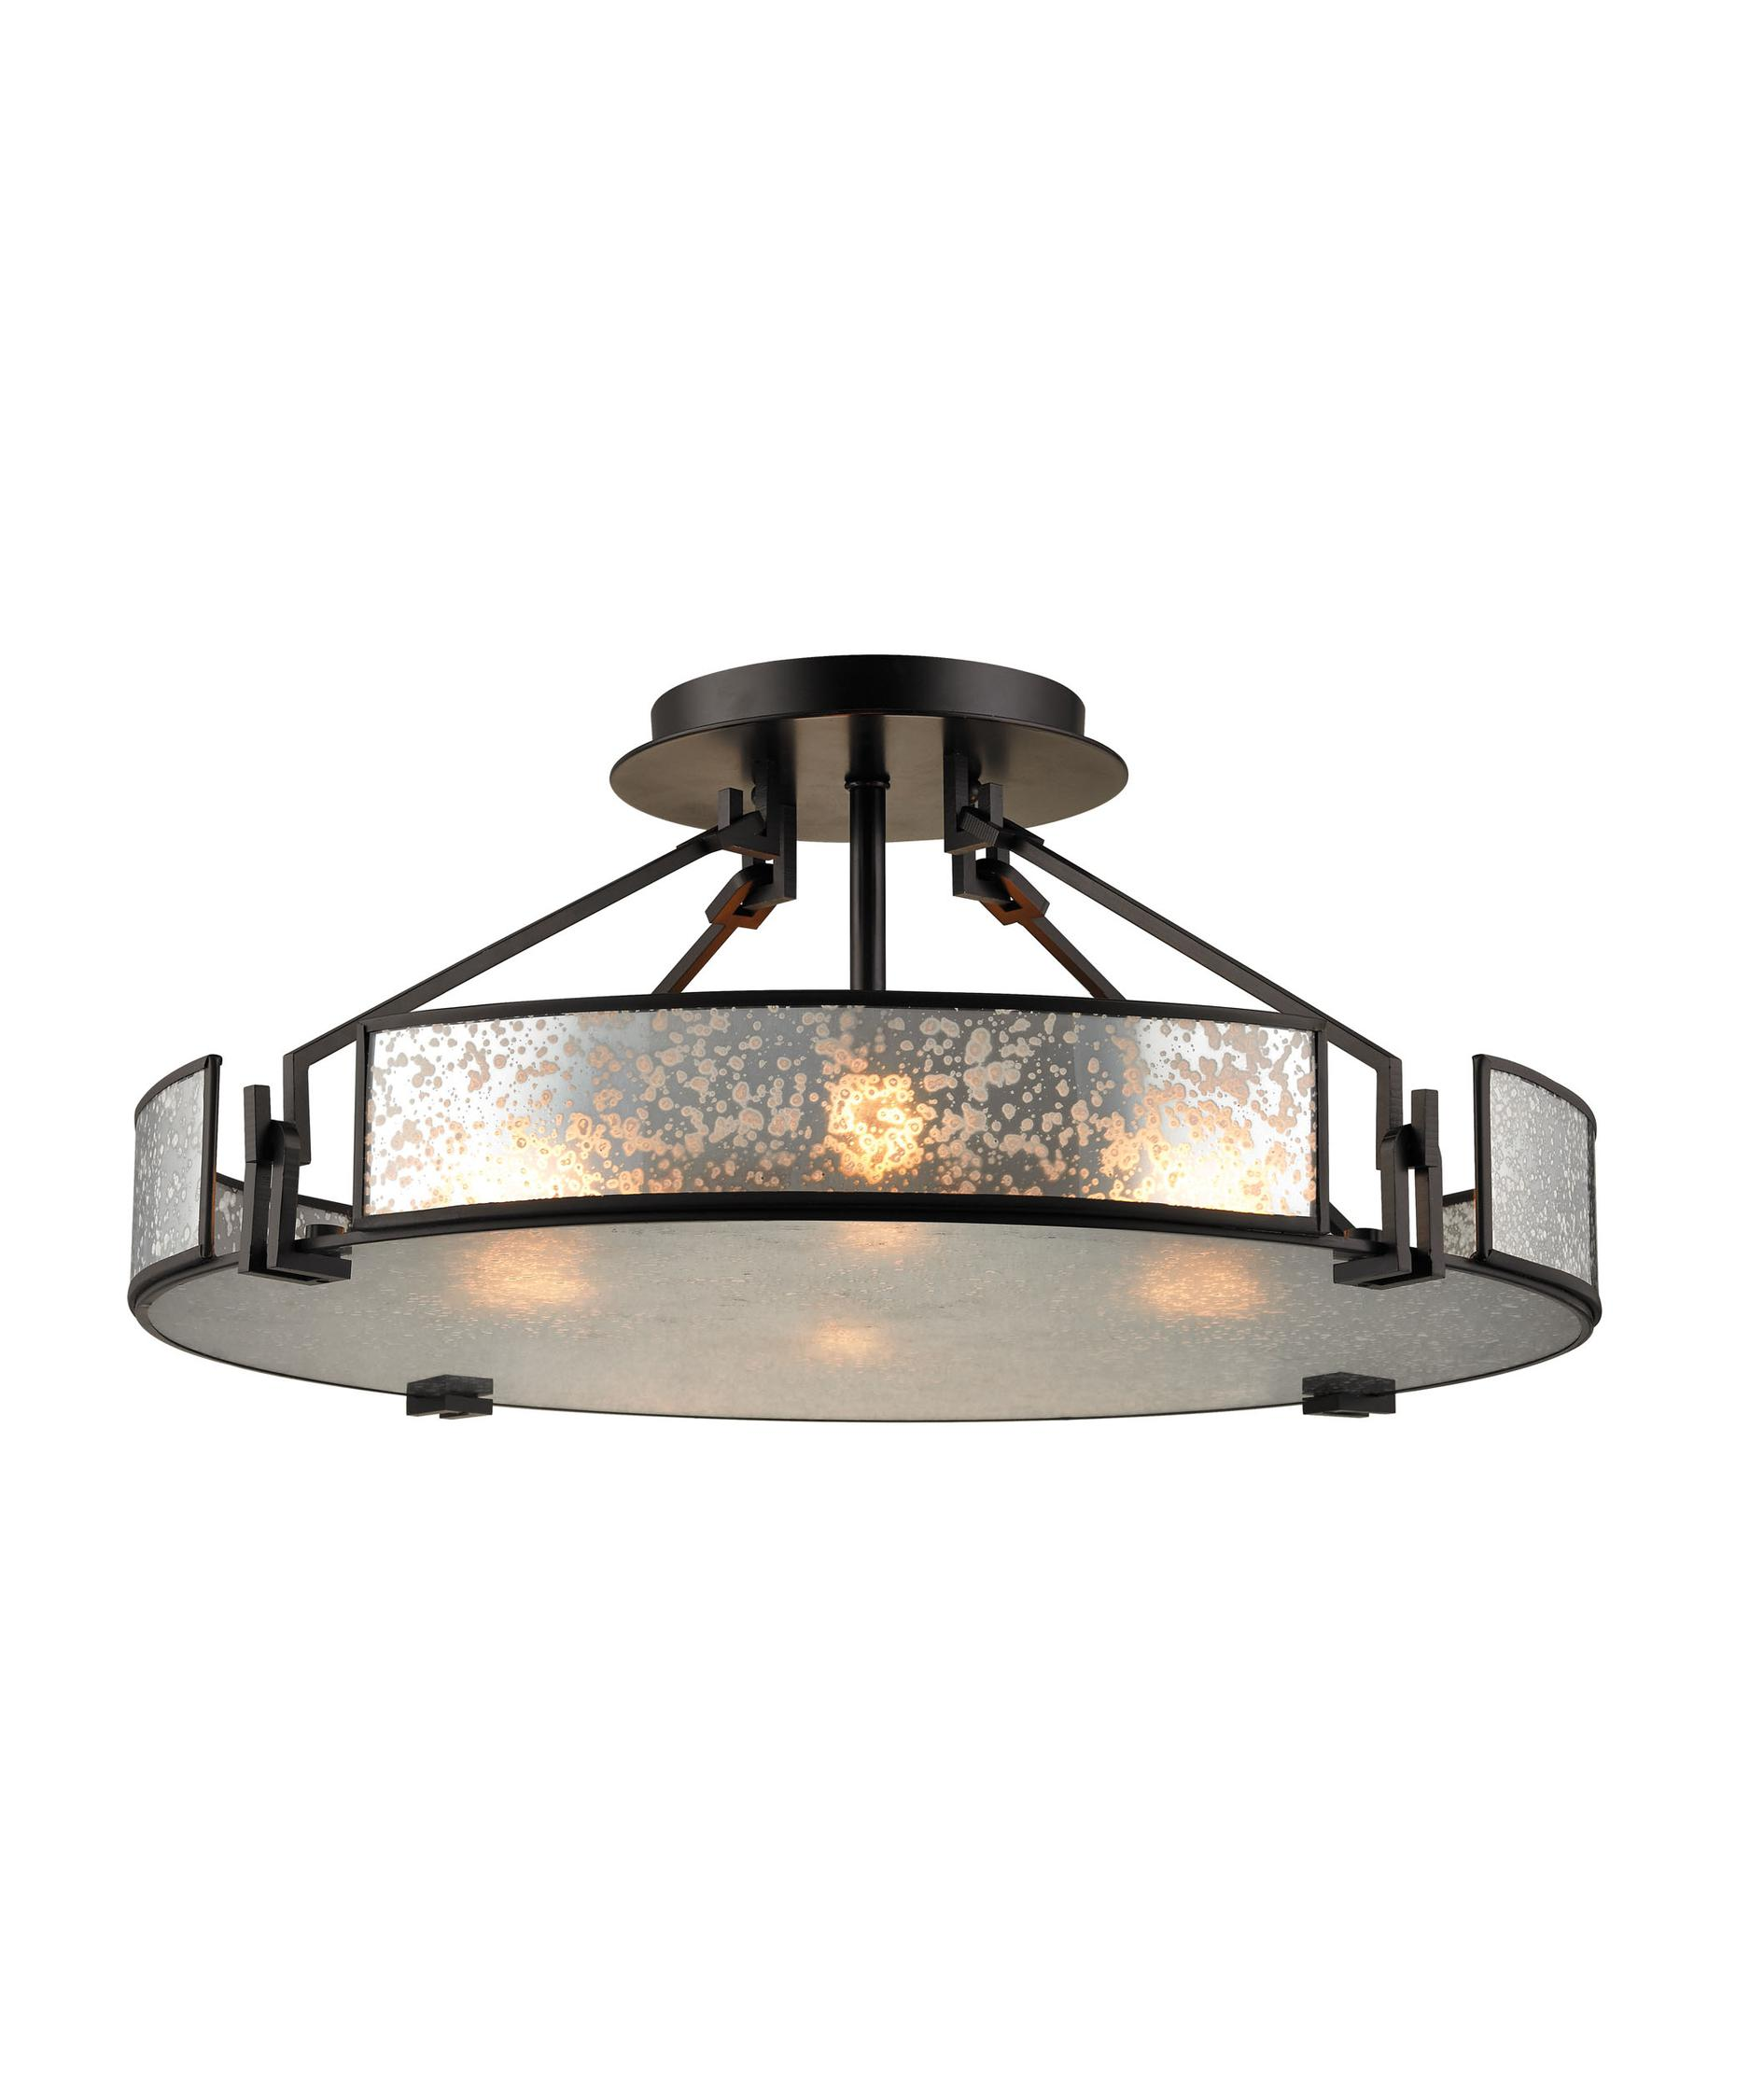 mercury glass lighting fixtures. shown in oil rubbed bronze finish and mercury glass lighting fixtures